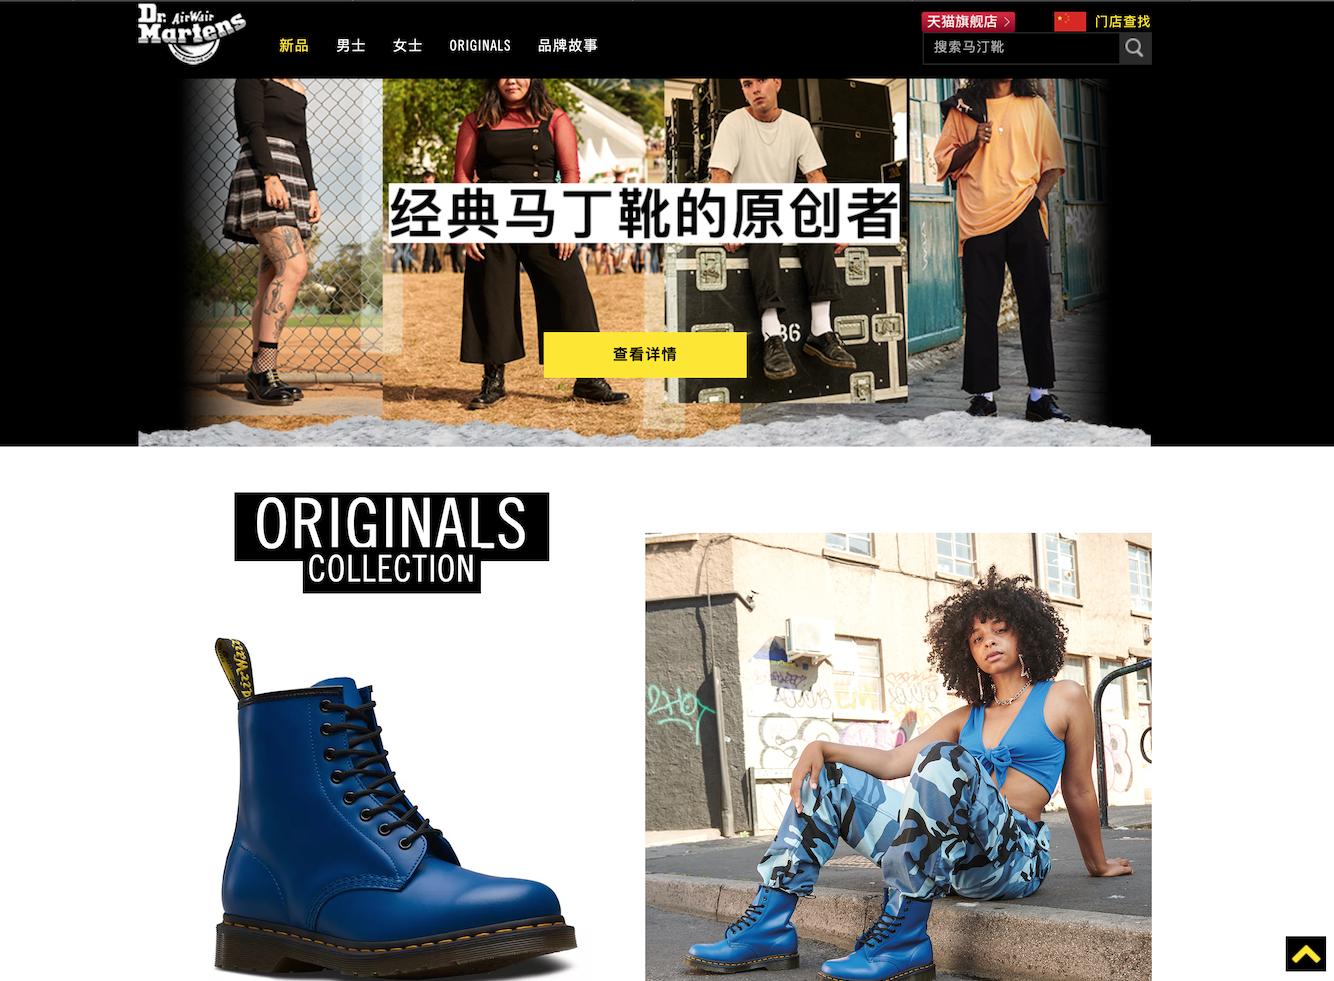 传:私募基金 Permira 着手英国鞋履品牌 Dr. Martens 美国上市或出售事宜